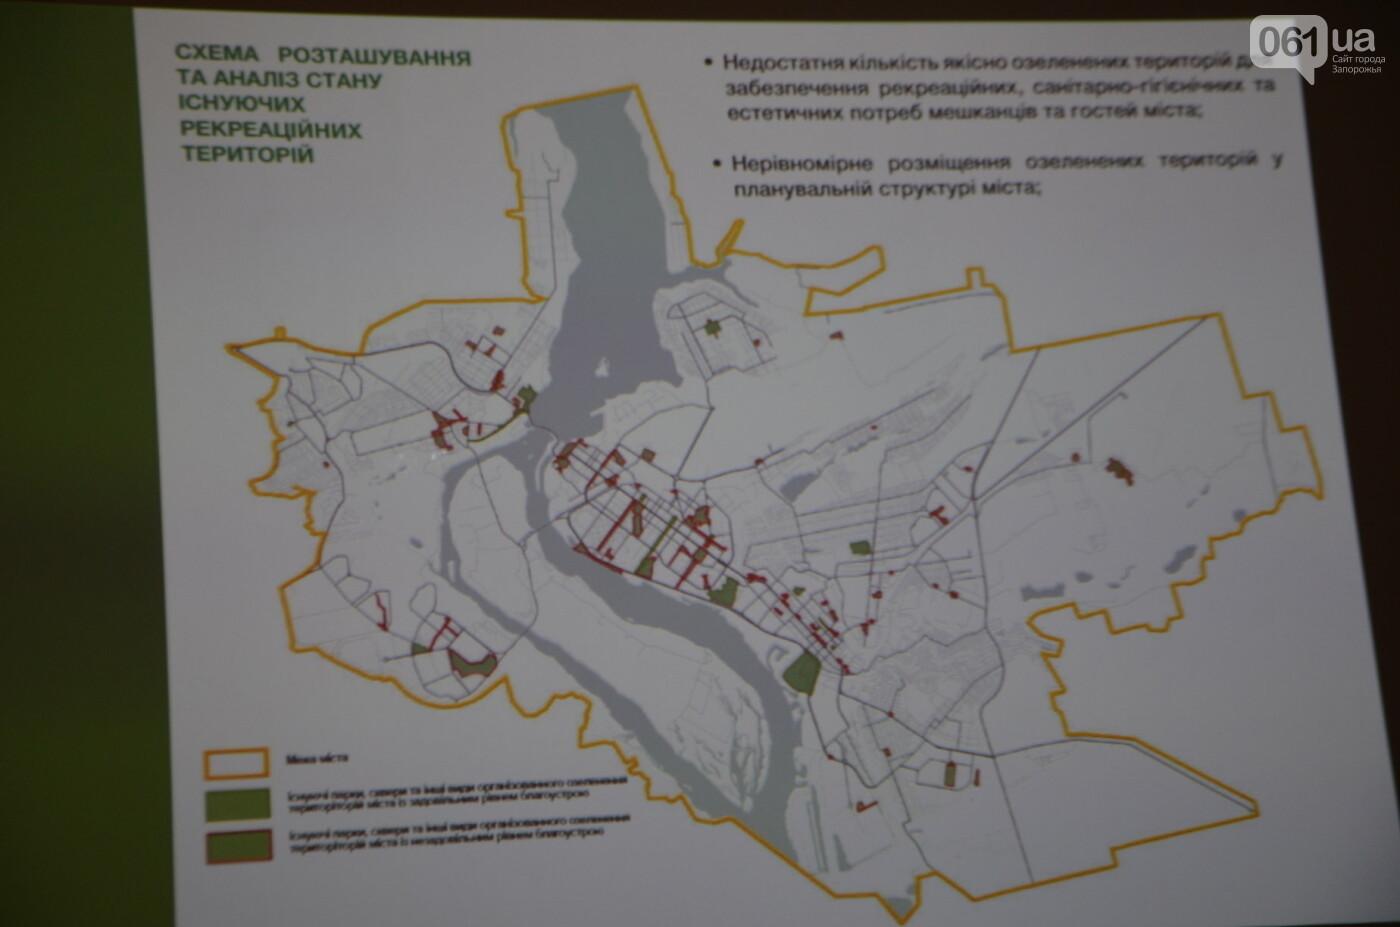 В Запорожье предлагают разрабатывать новые зеленые зоны, велопешеходные и экологические маршруты, фото-9